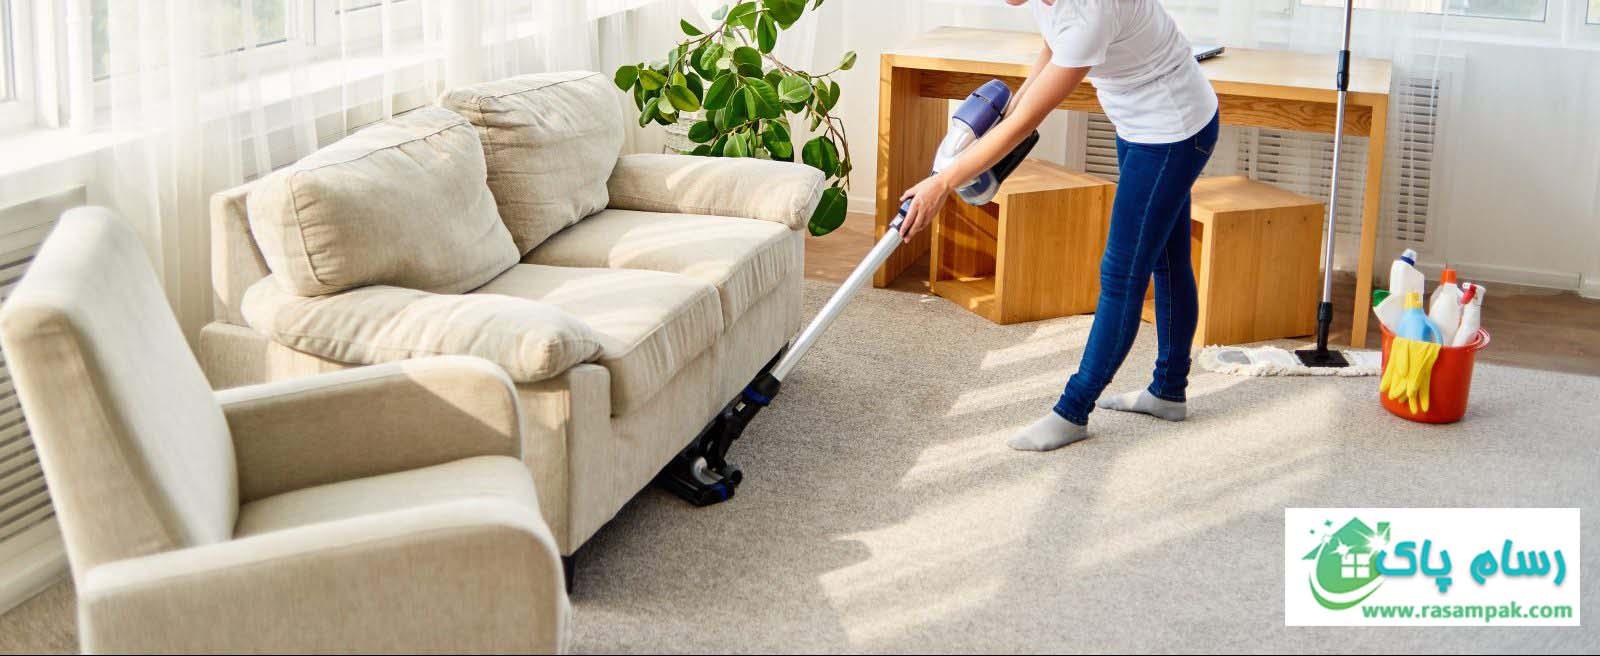 نظافت منزل در سریعترین زمان- زیر تخت و مبل